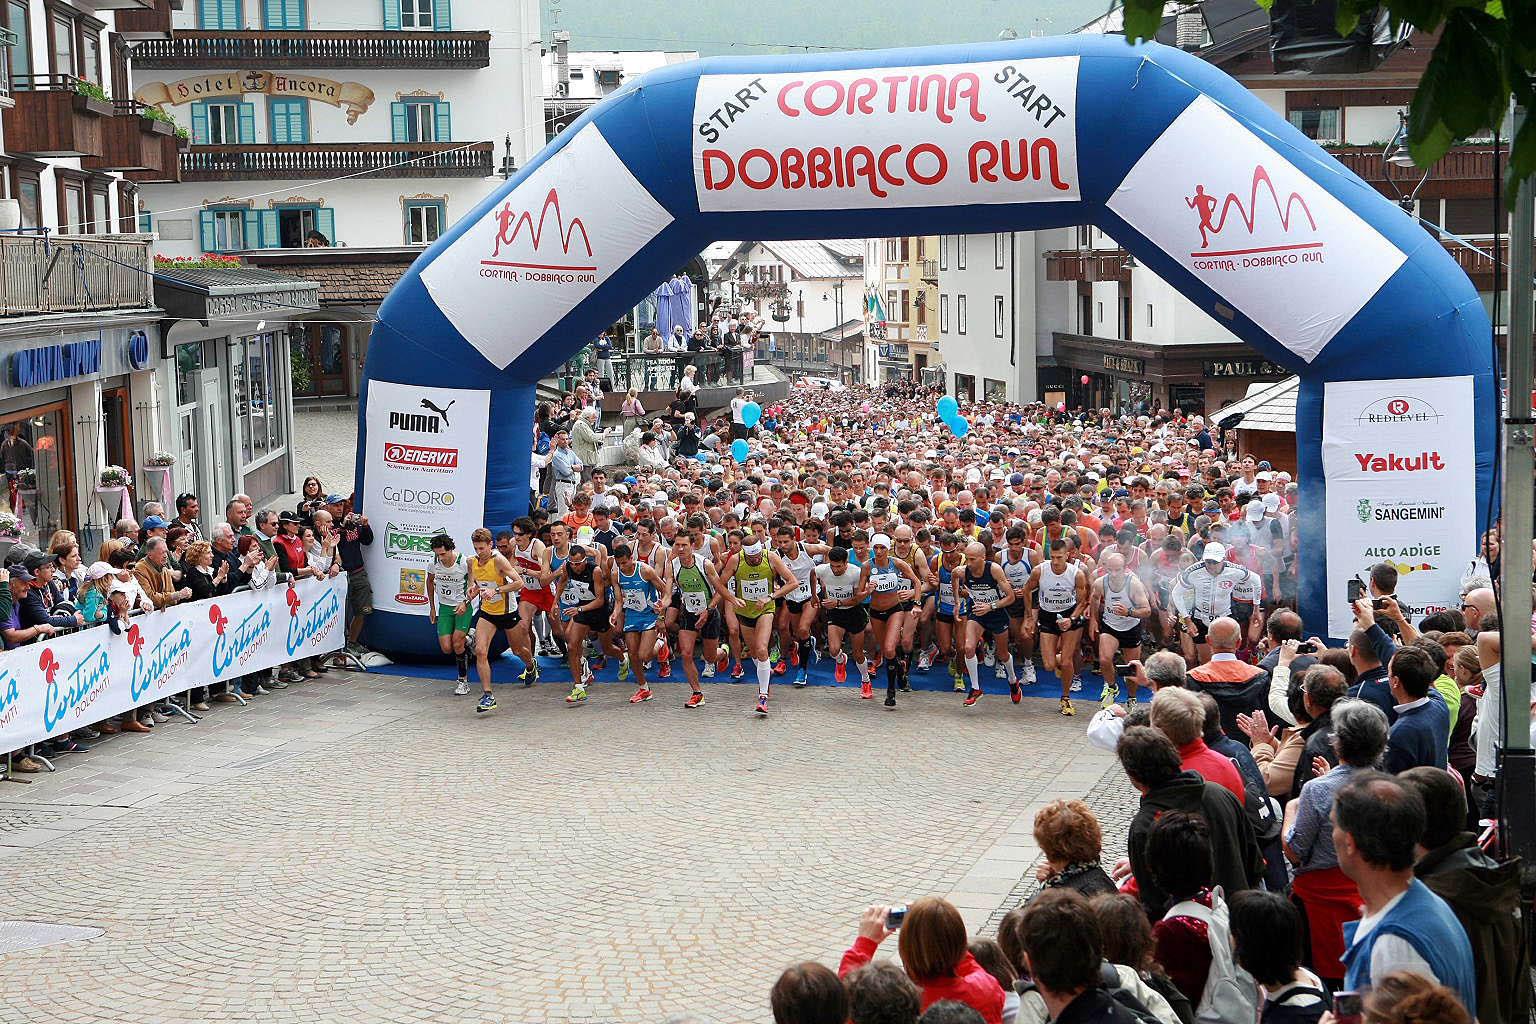 Cortina Dobbiaco Run 2012, le classifiche